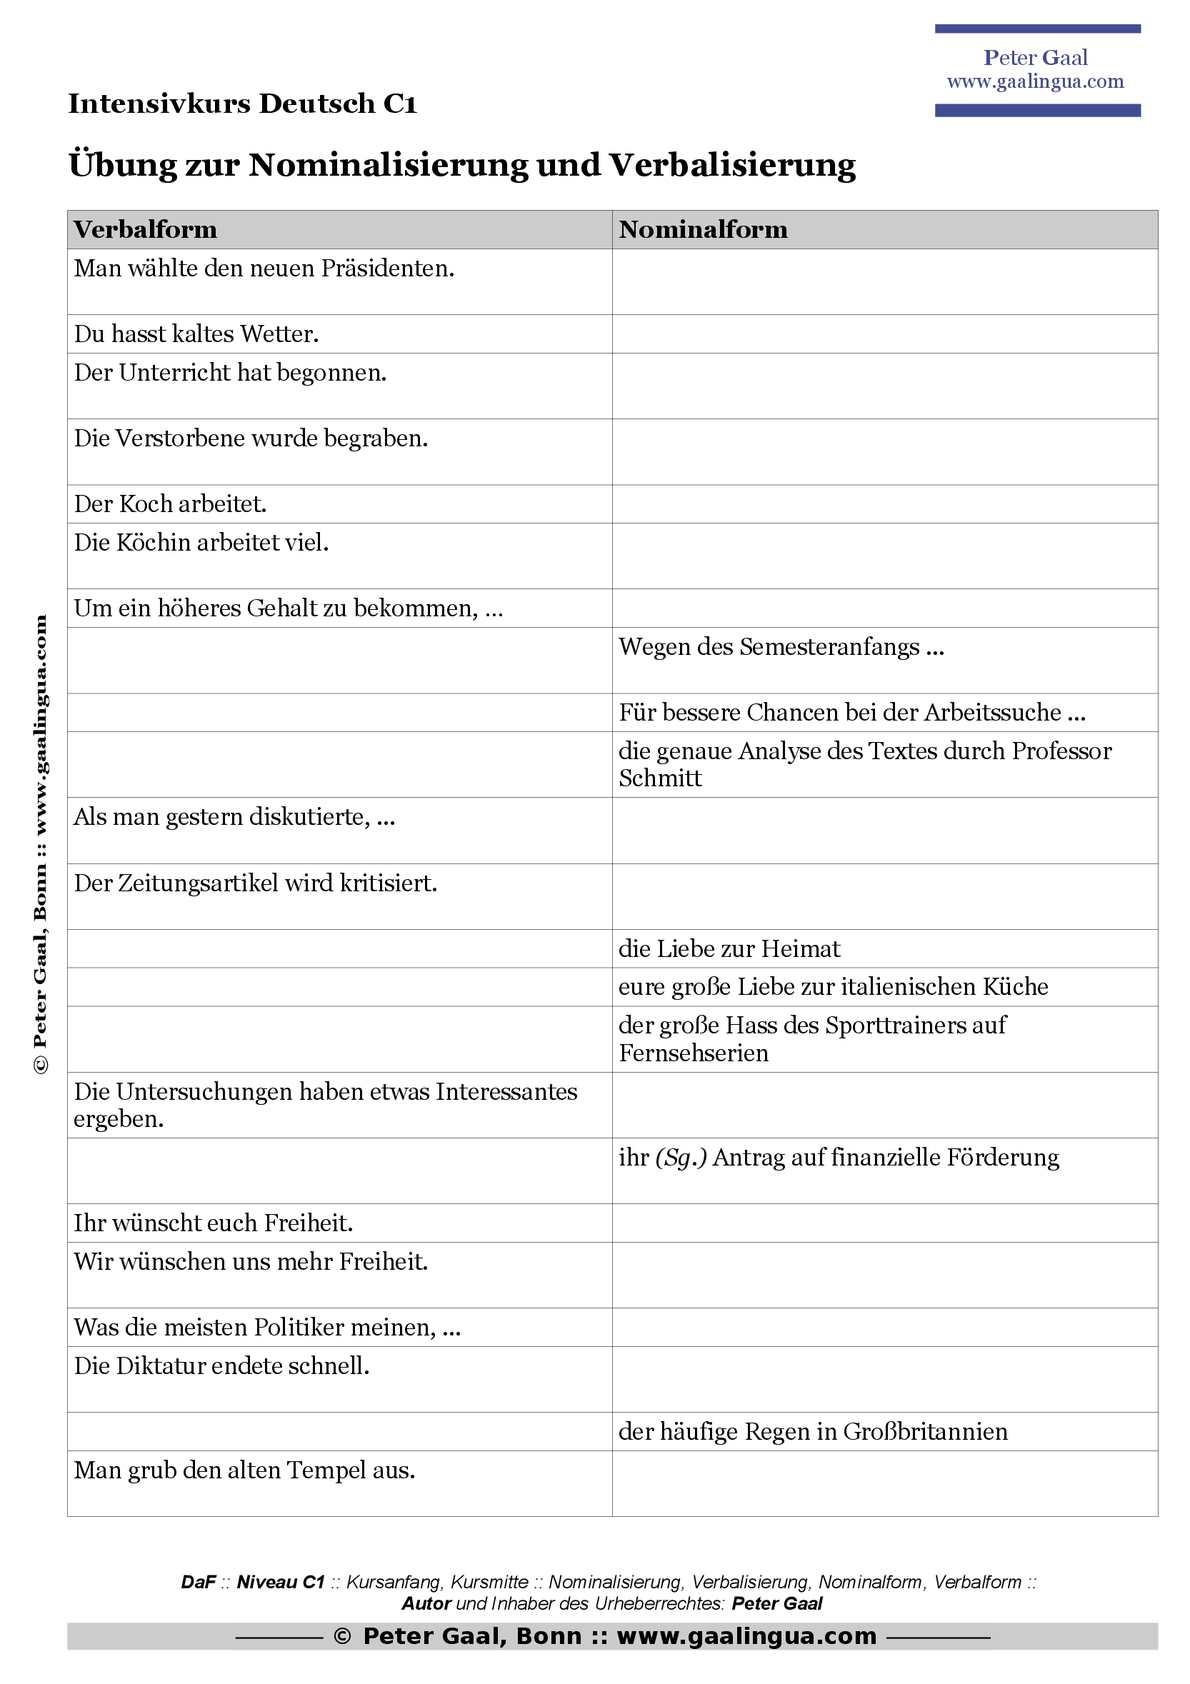 Nominalisierung und verbalisierung